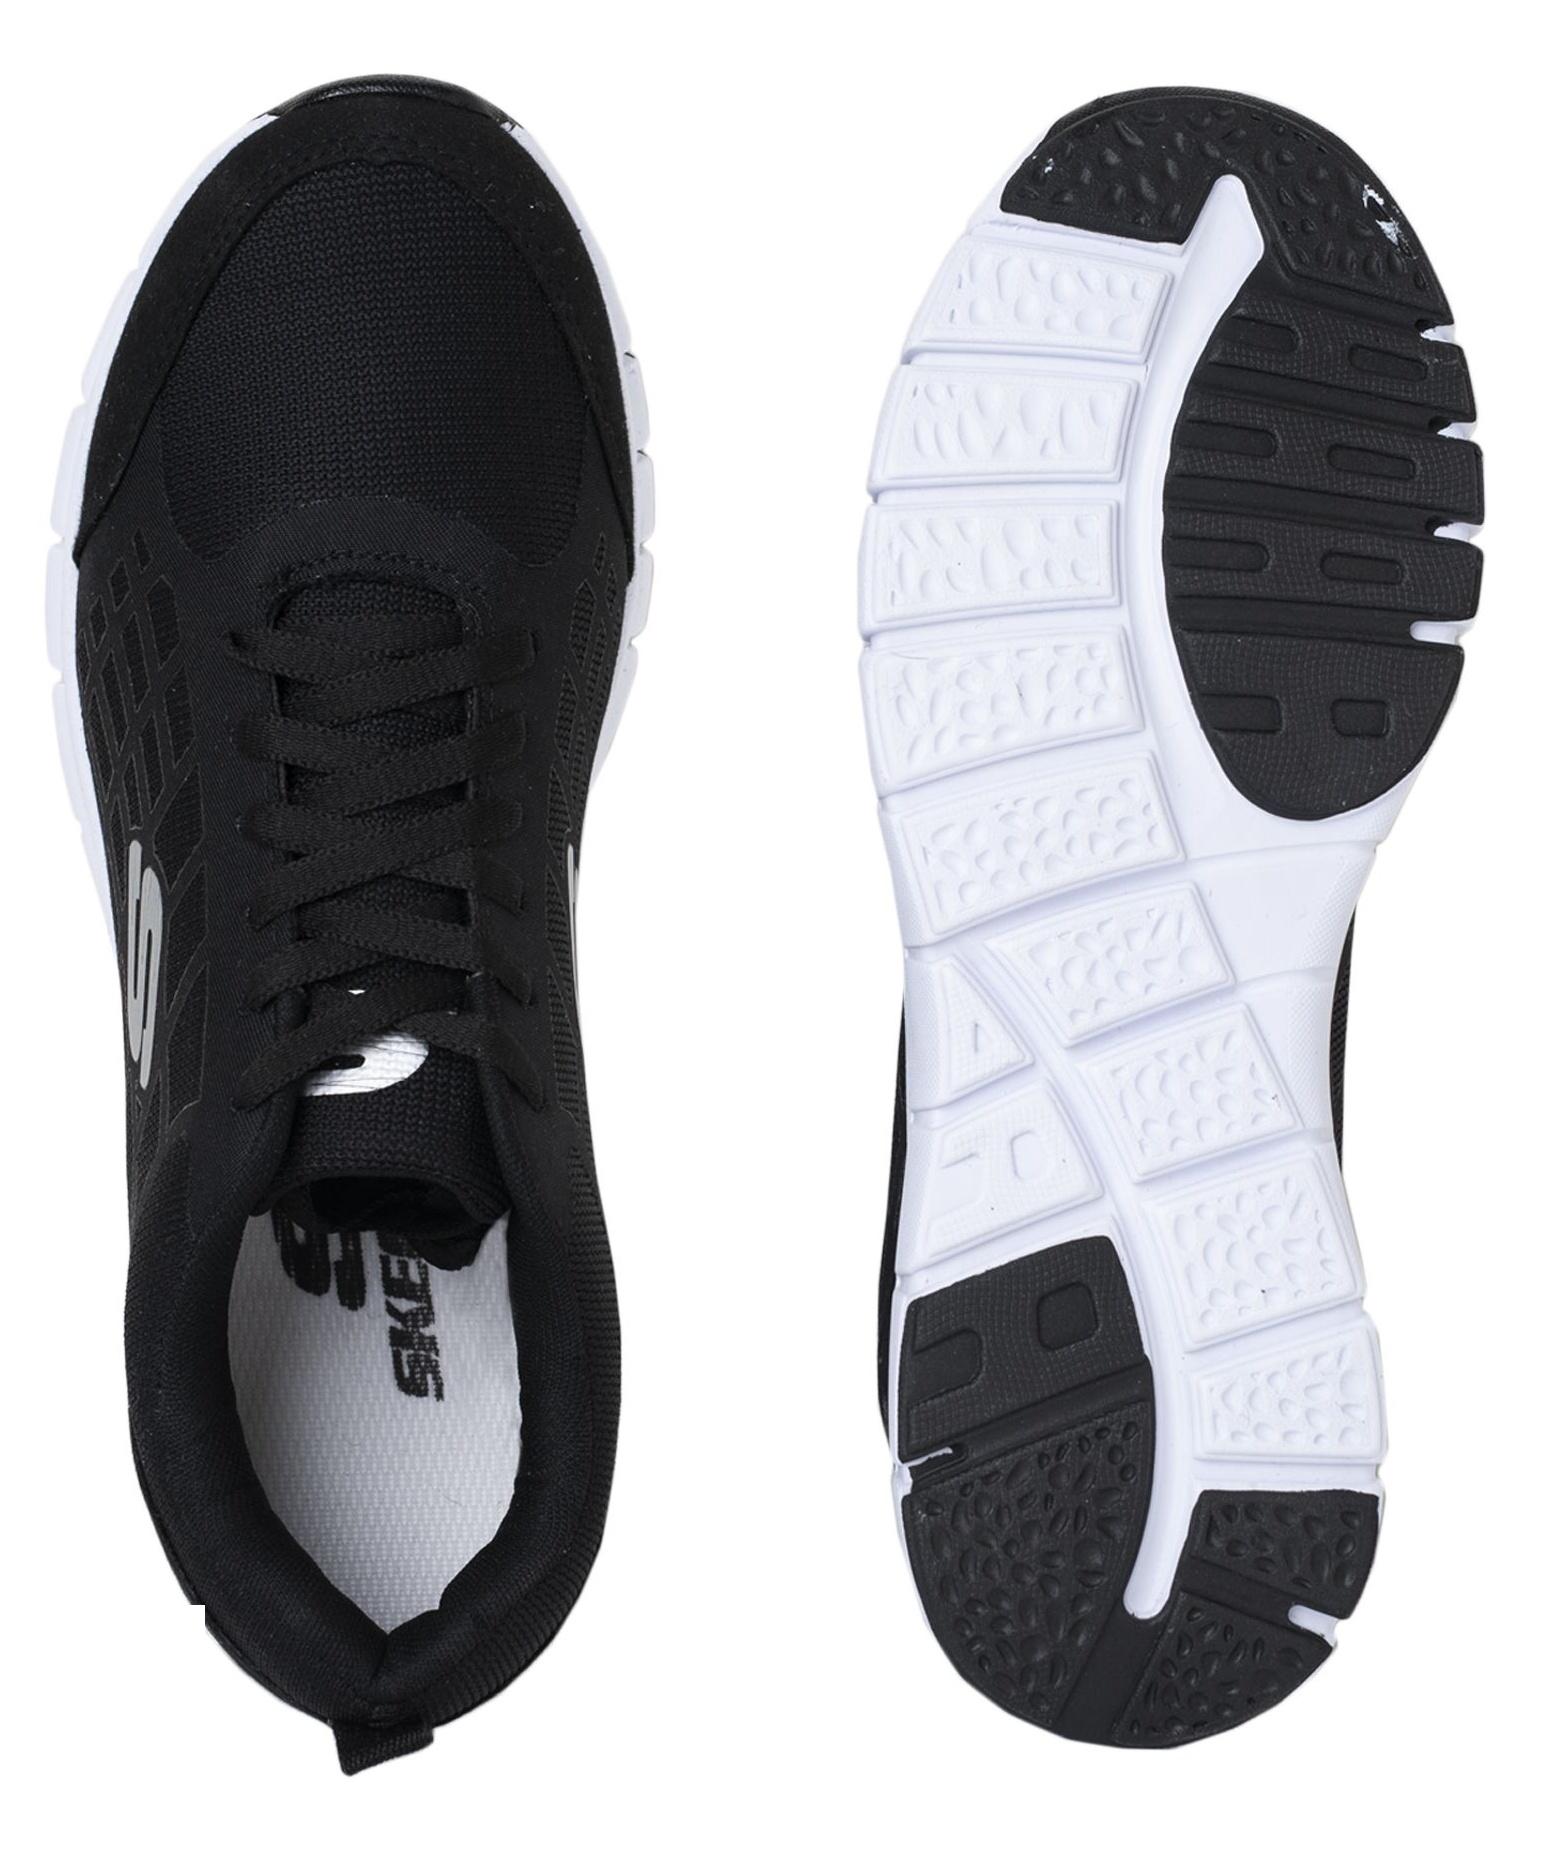 کفش مخصوص پیاده روی زنانه کد 654-521